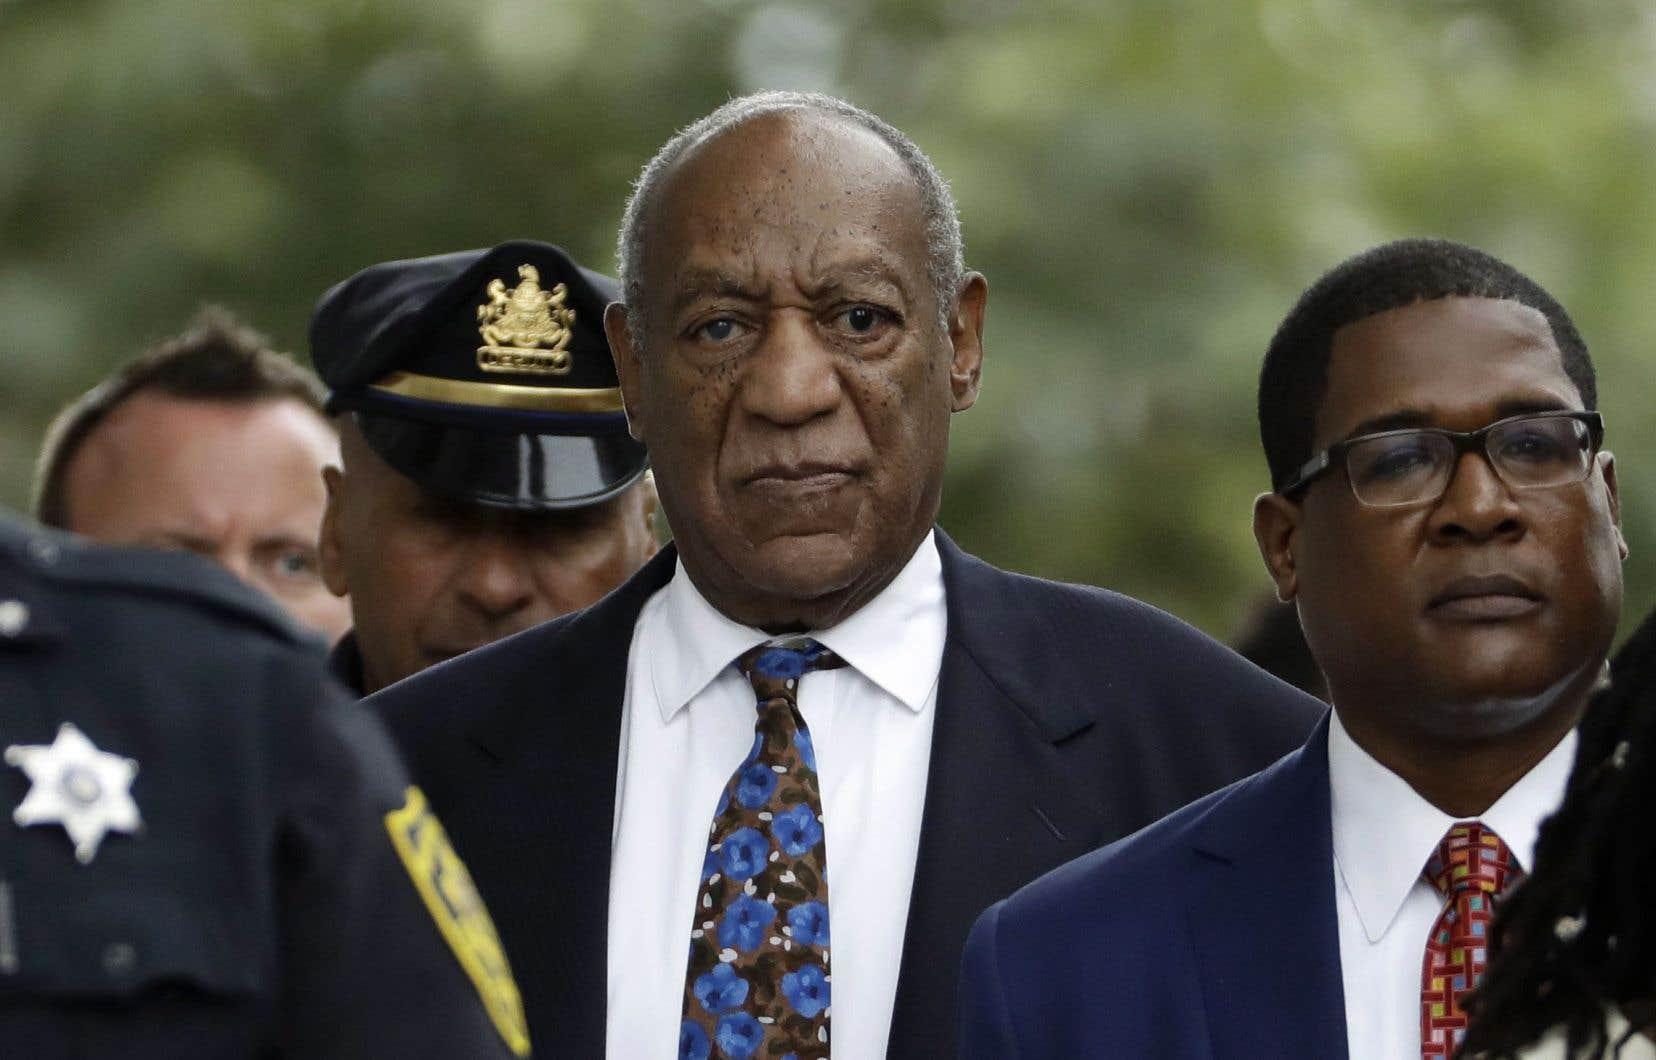 L'acteur Bill Cosby purge présentement une peine dix ans d'emprisonnement, avec possibilité de libération conditionnelle après trois ans.